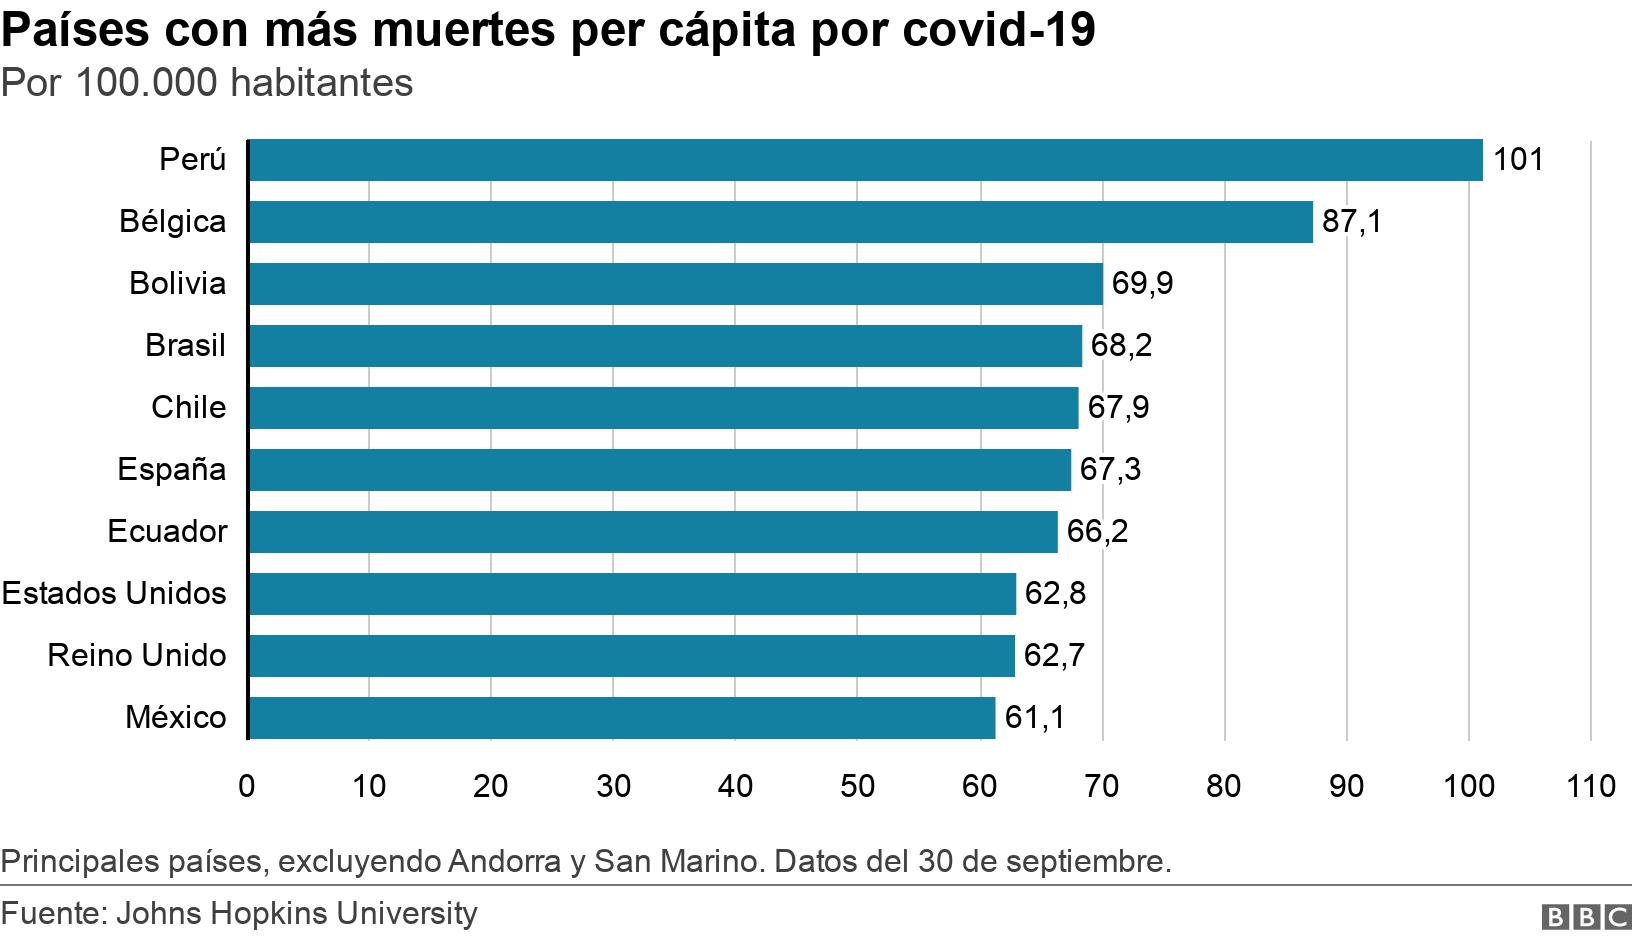 Países con más muertes per cápita por covid-19. Por 100.000 habitantes. Principales países, excluyendo Andorra y San Marino. Datos del 30 de septiembre..